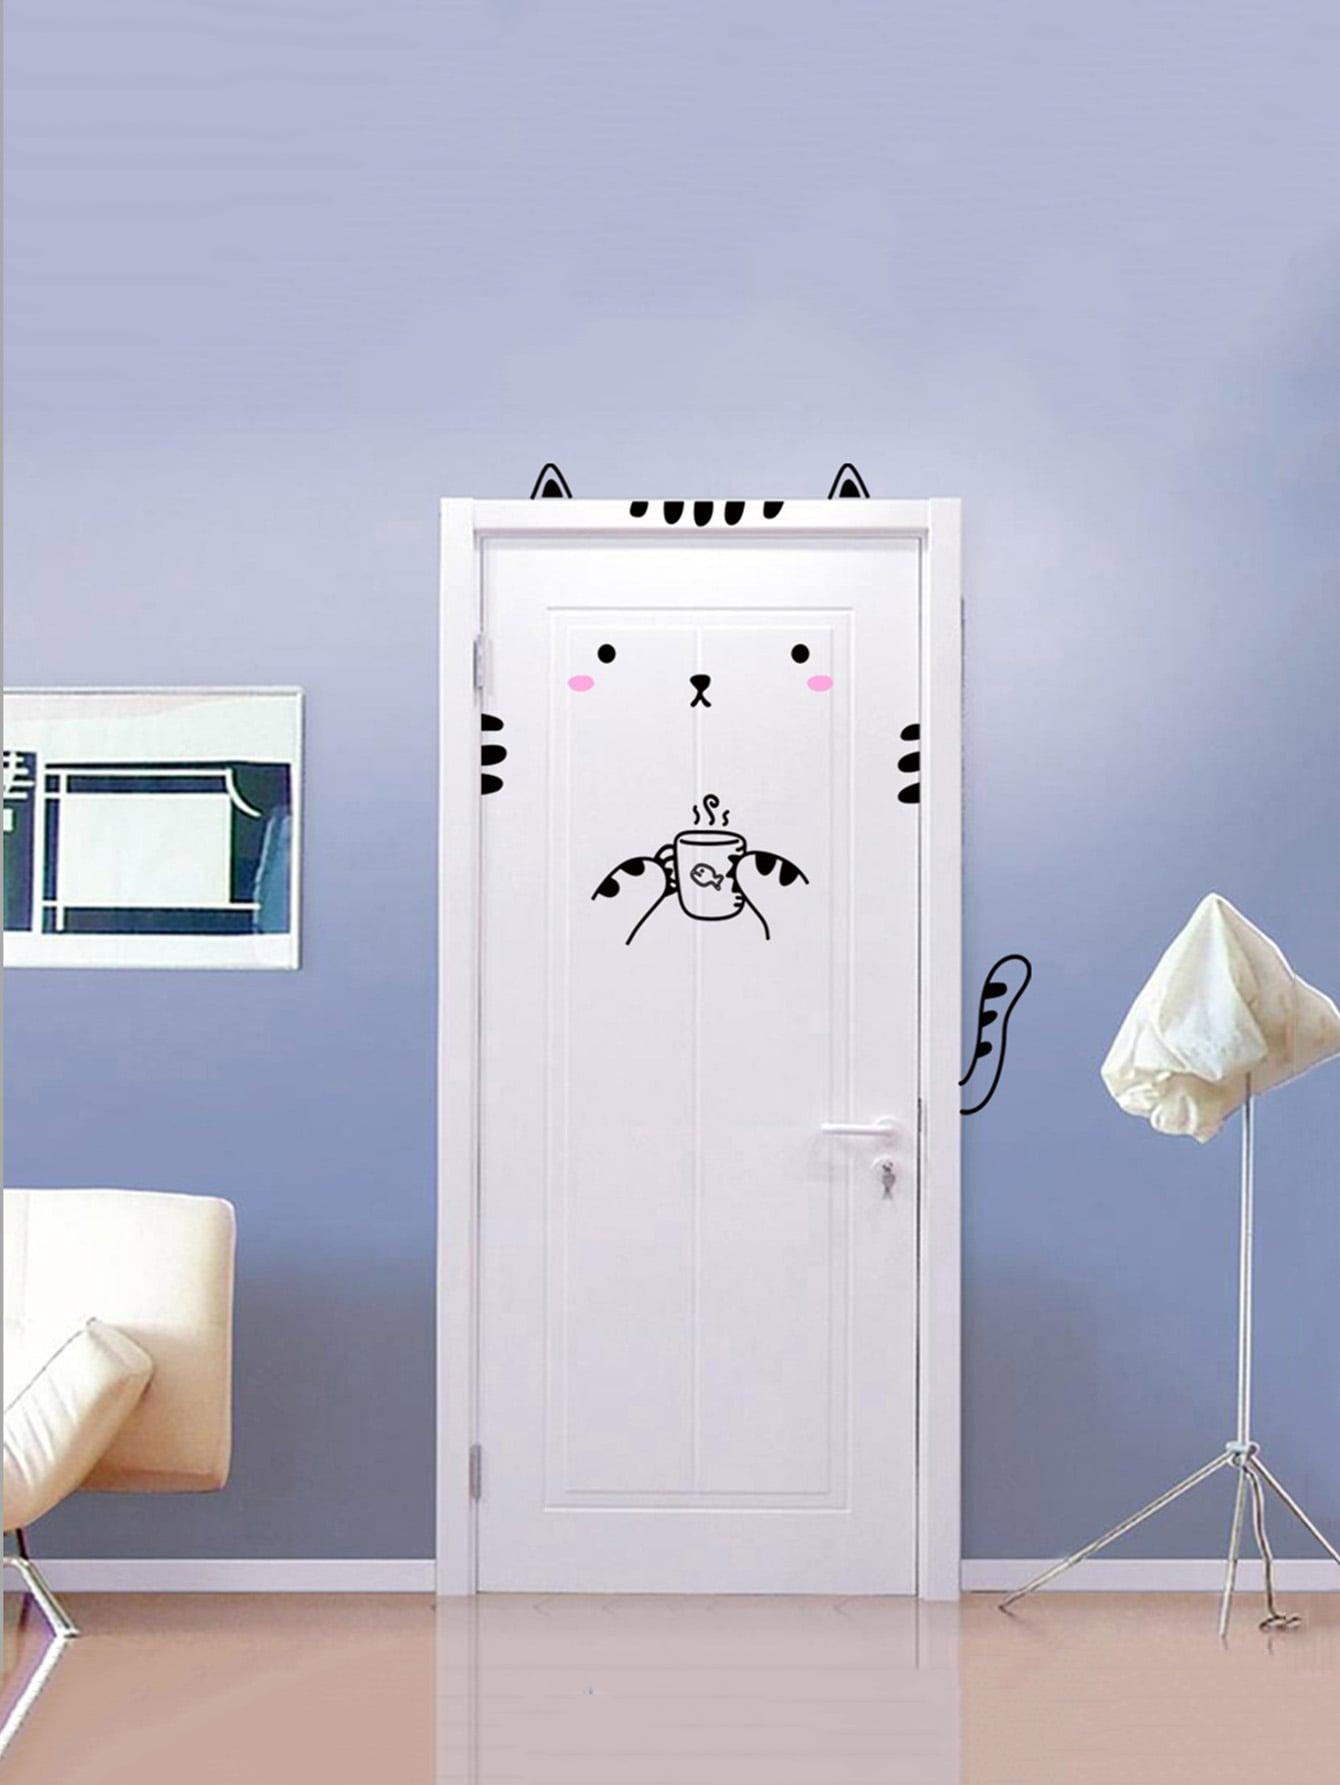 Cat Design Door Sticker elegant cat mirror cat bovine anti theft door aw4620c 02 copper luxury carved cat